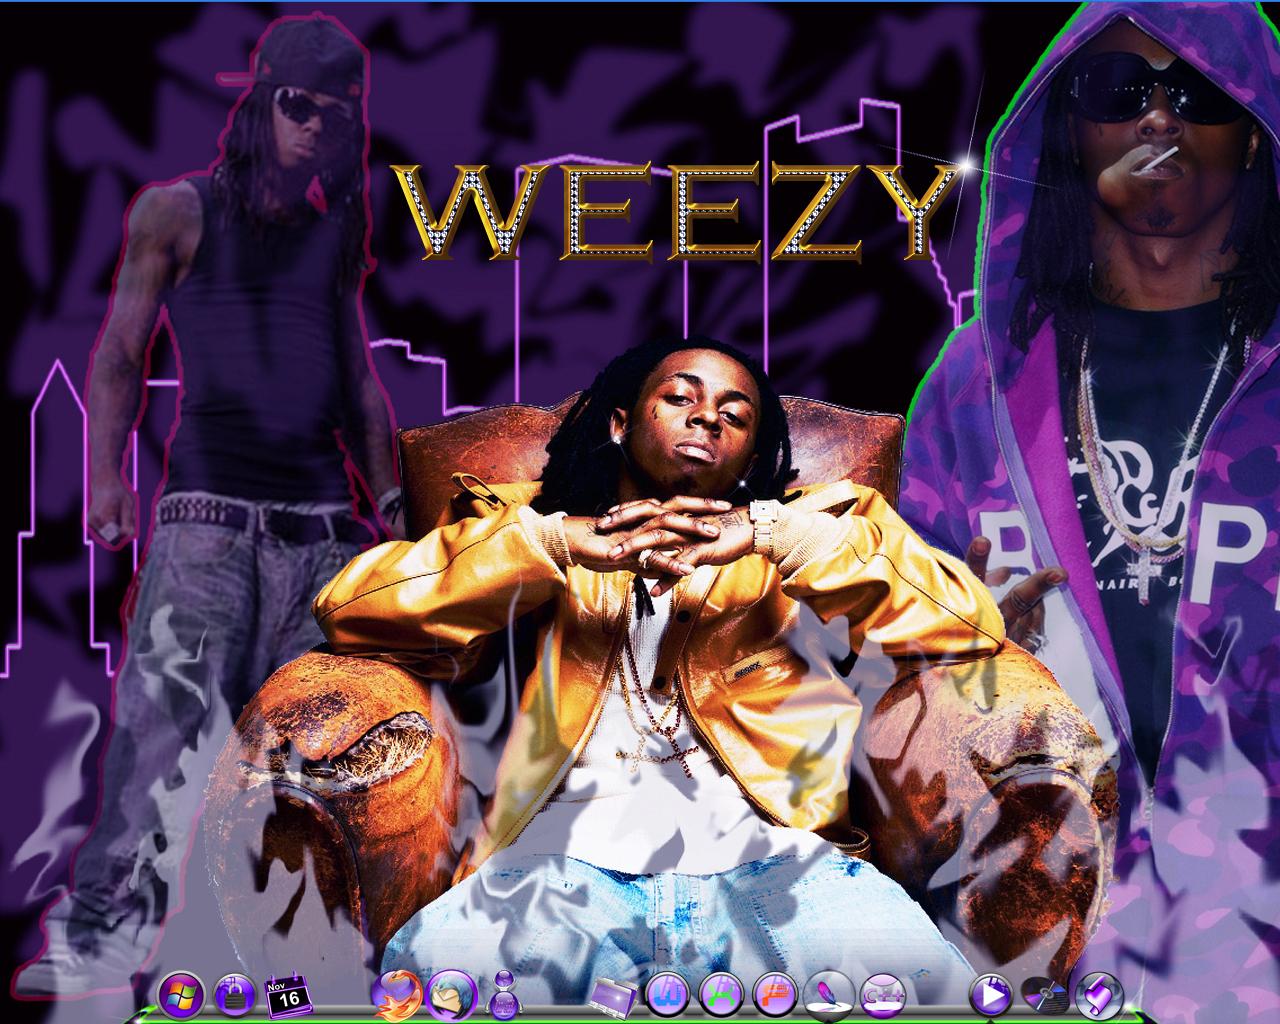 Weezy Eff